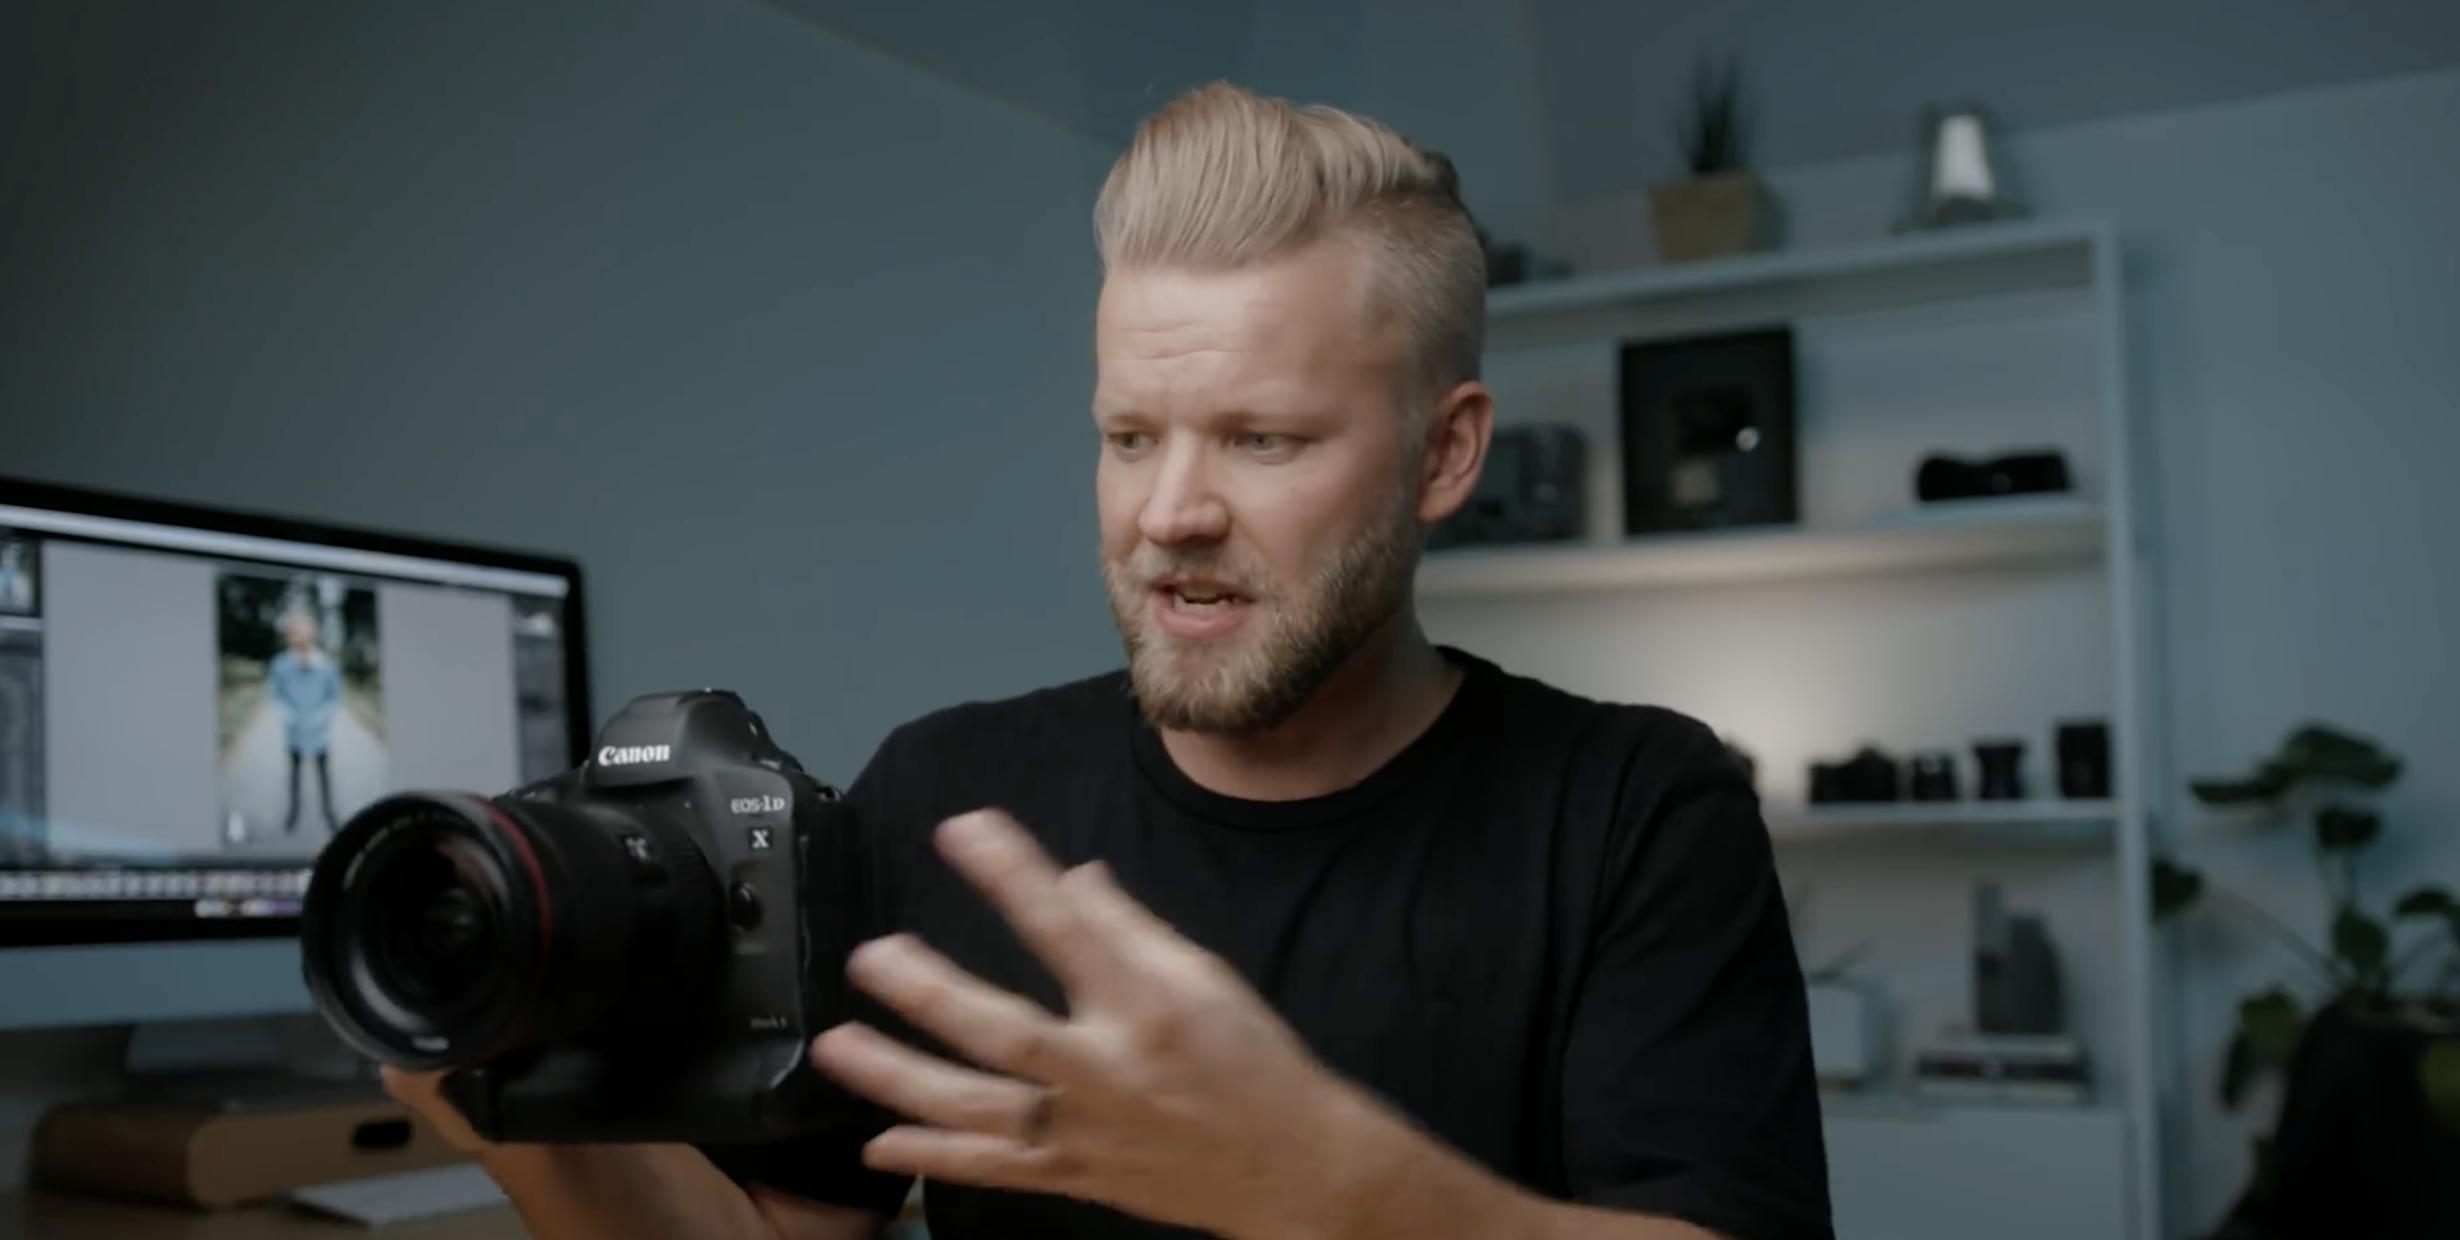 iPhone 11 Pro vs Canon DSLR kamerateszt [videó]